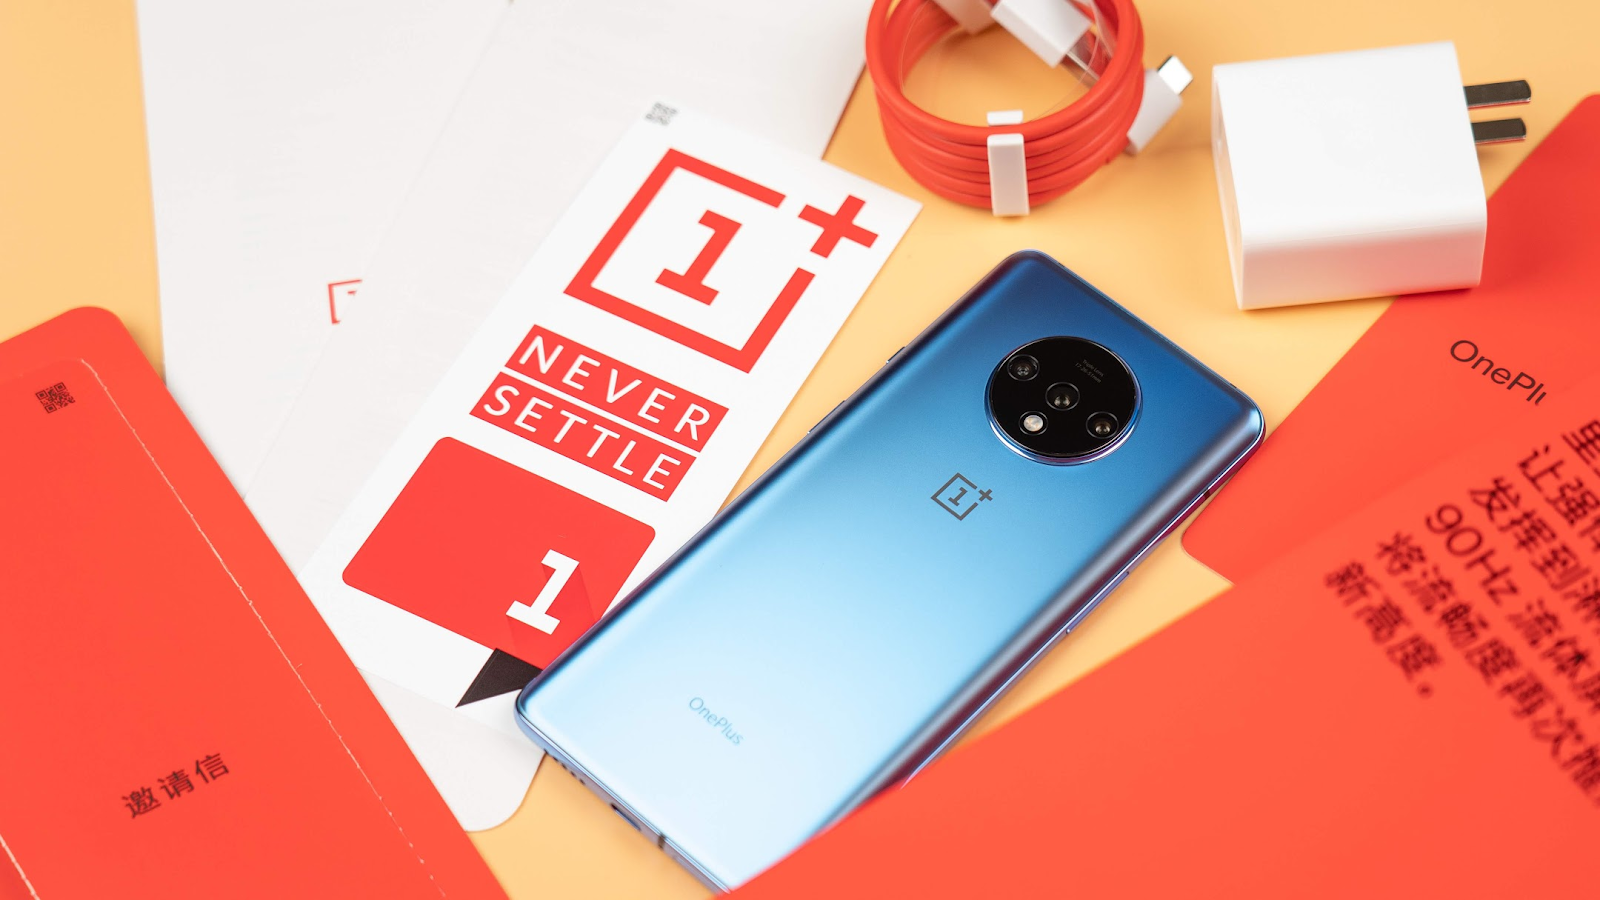 開箱在京東買的一加 OnePlus 7T!該怎麼安裝 Google、刷氧OS? - 4